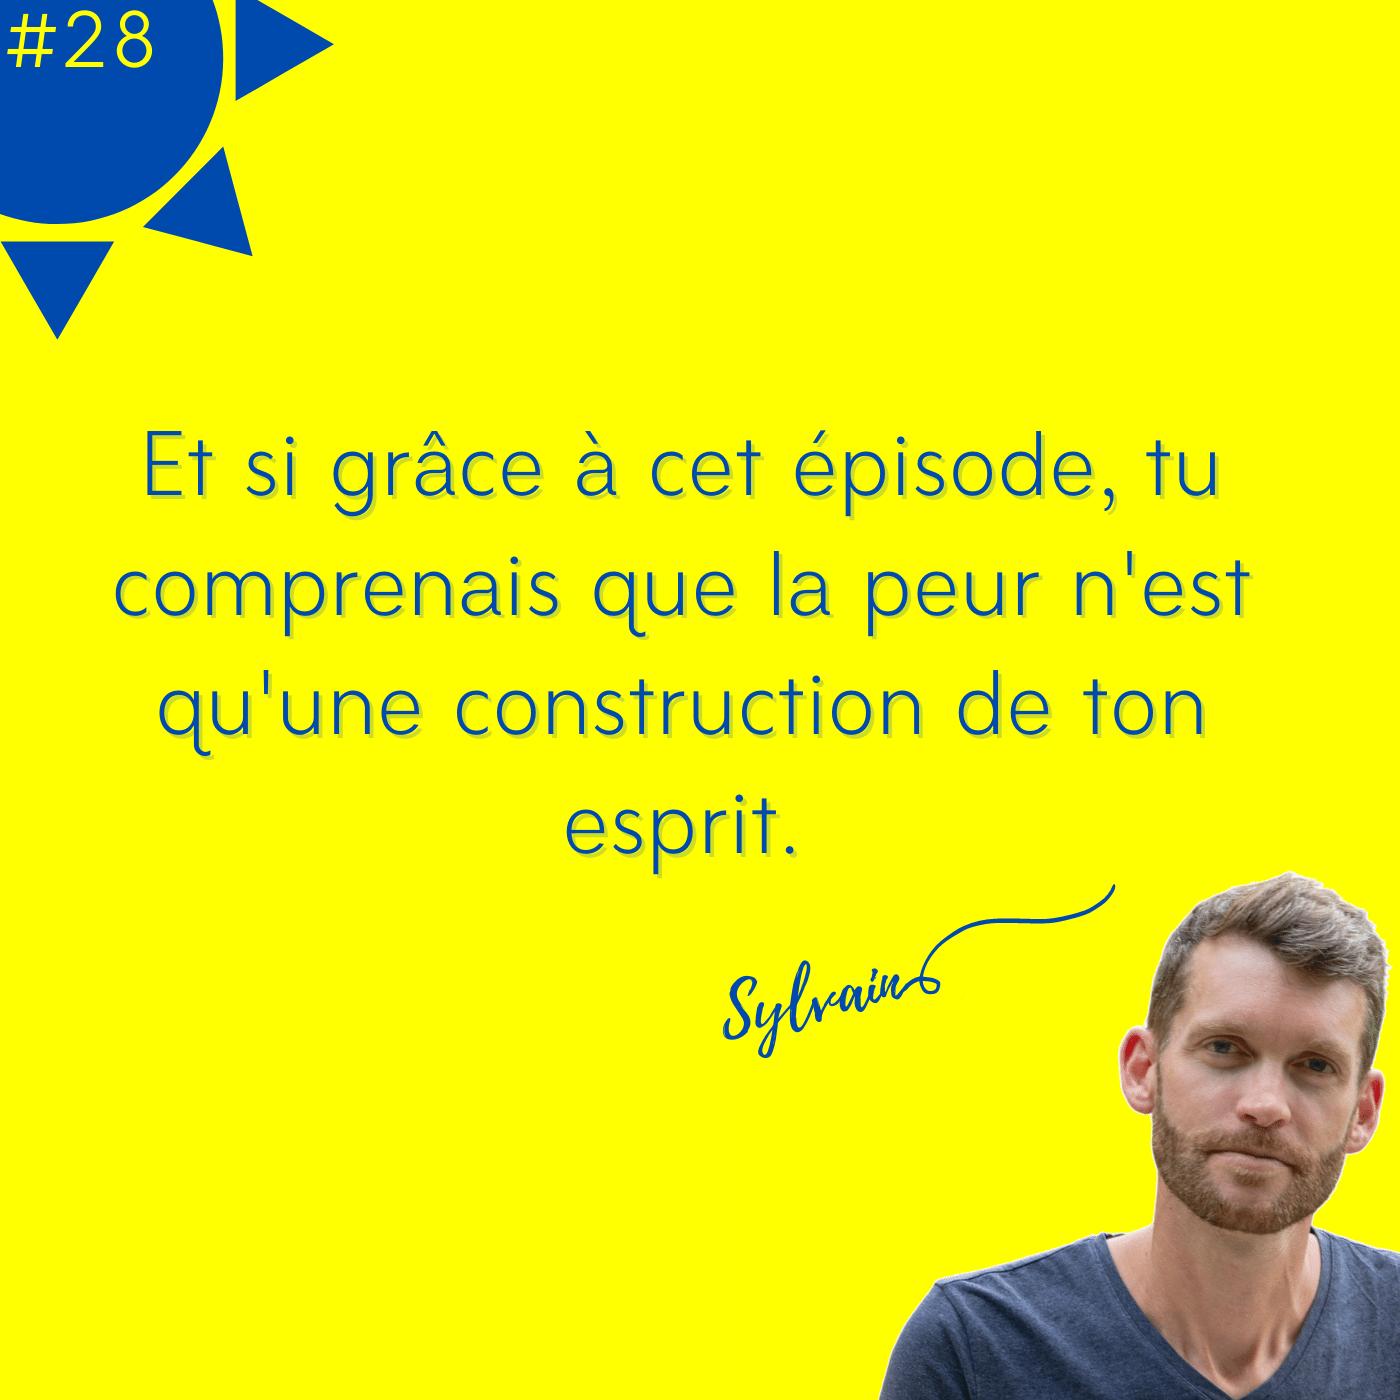 episode S1E110